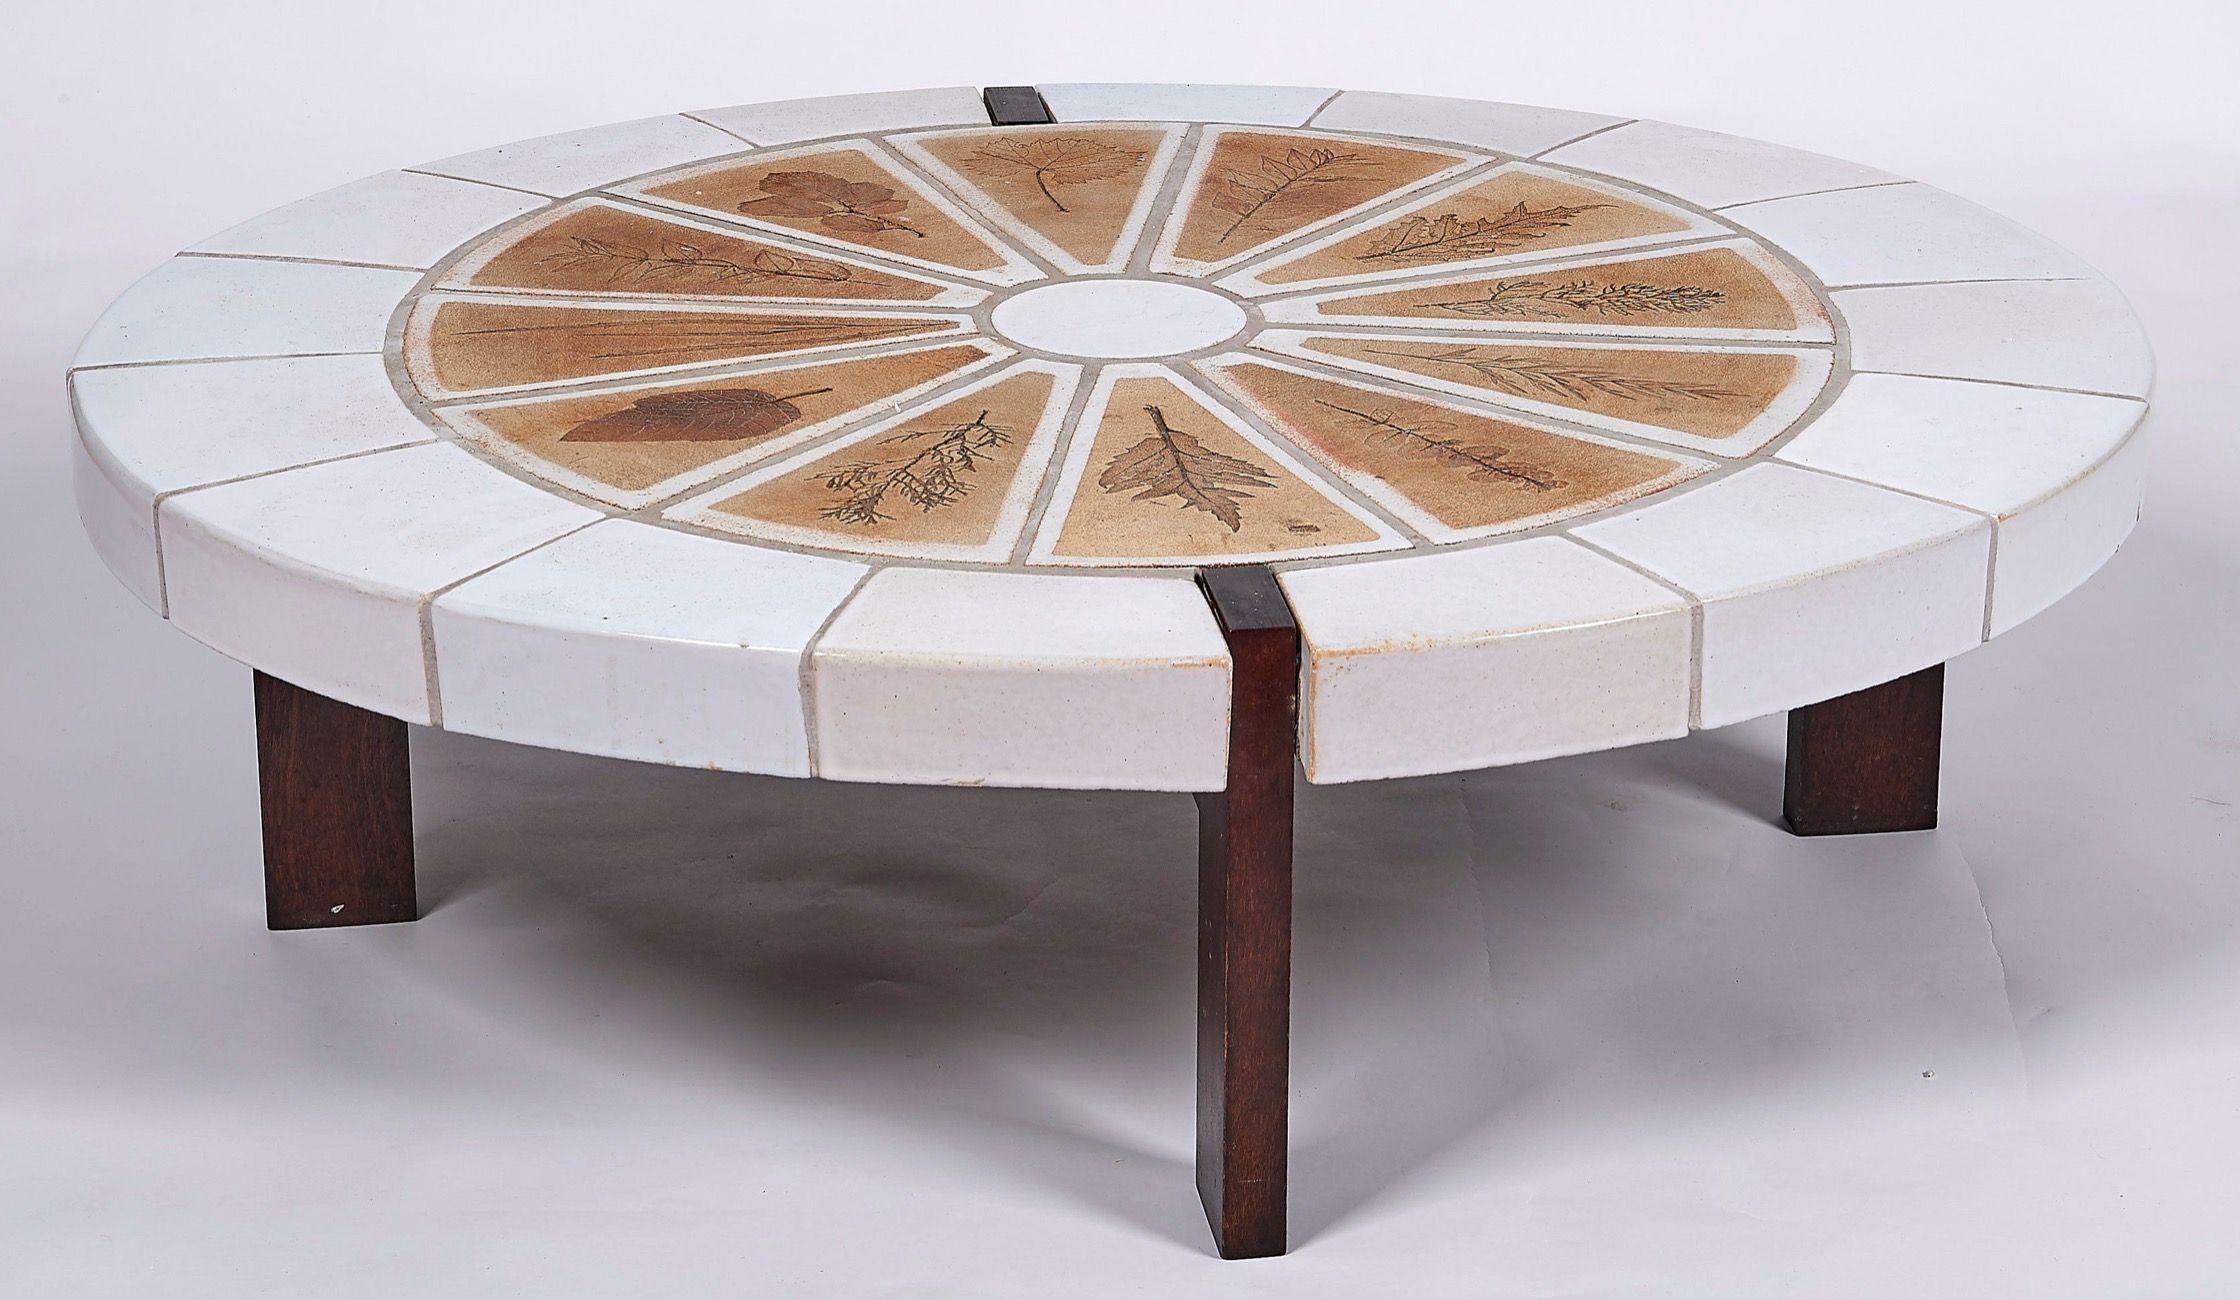 Rare Modele De Table Basse Roger Capron Vallauris Signee En Ceramique Meuble Vintage Mobilier De Salon Vintage Design